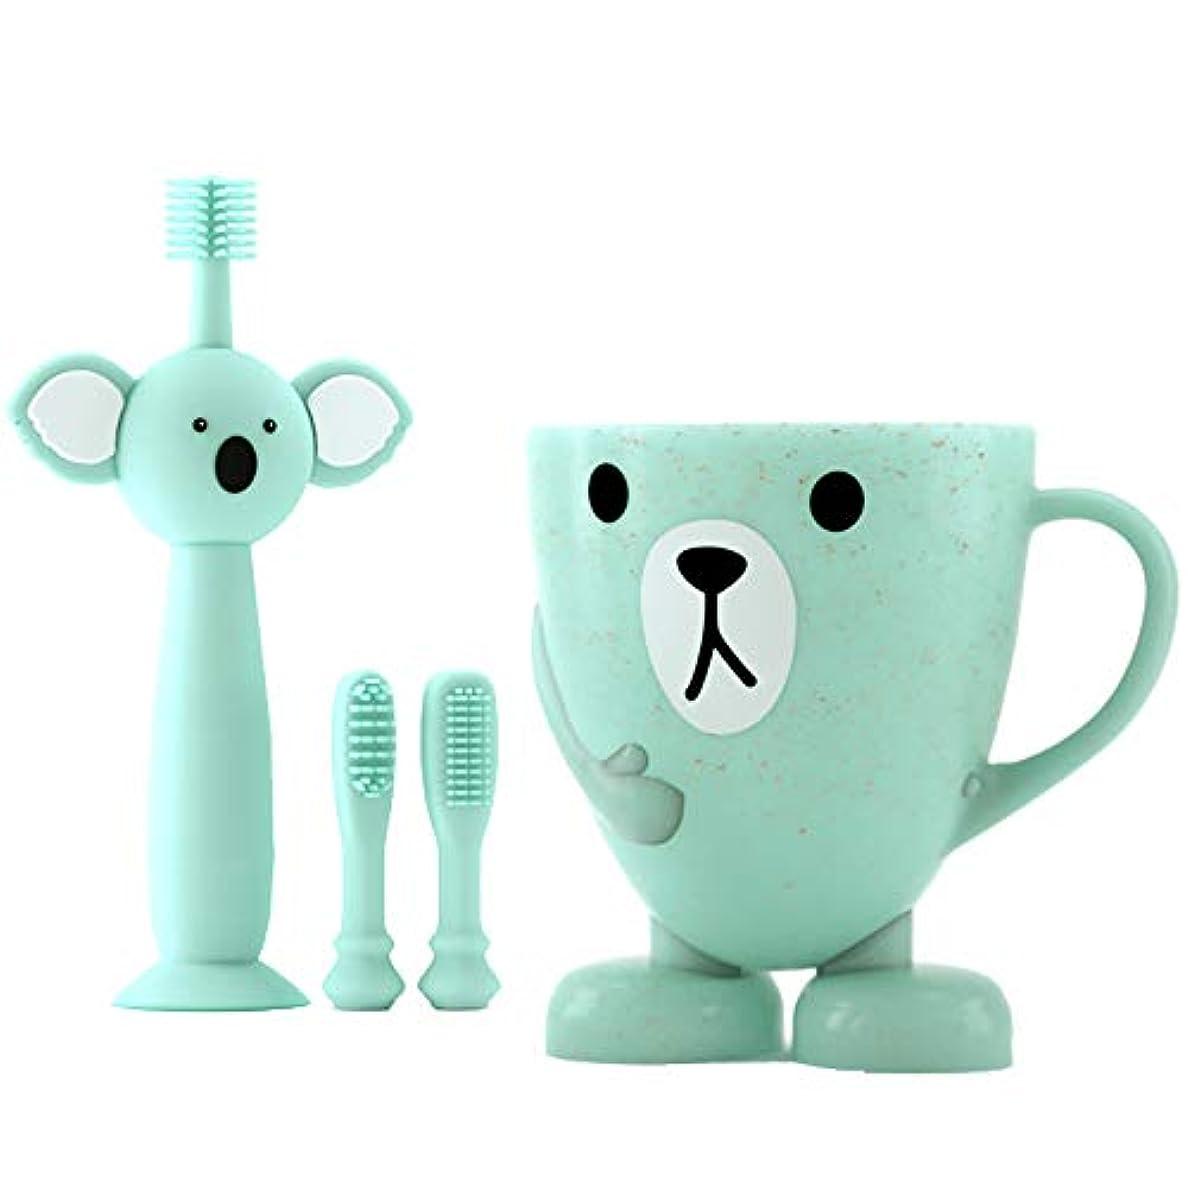 パイプ半島全くLUDNEE 子供用歯ブラシ 男女兼用 柔らかい 乳歯を保護する ベビー歯ブラシ シリコン歯ブラシ 乳歯用ブラシ (ブルー)